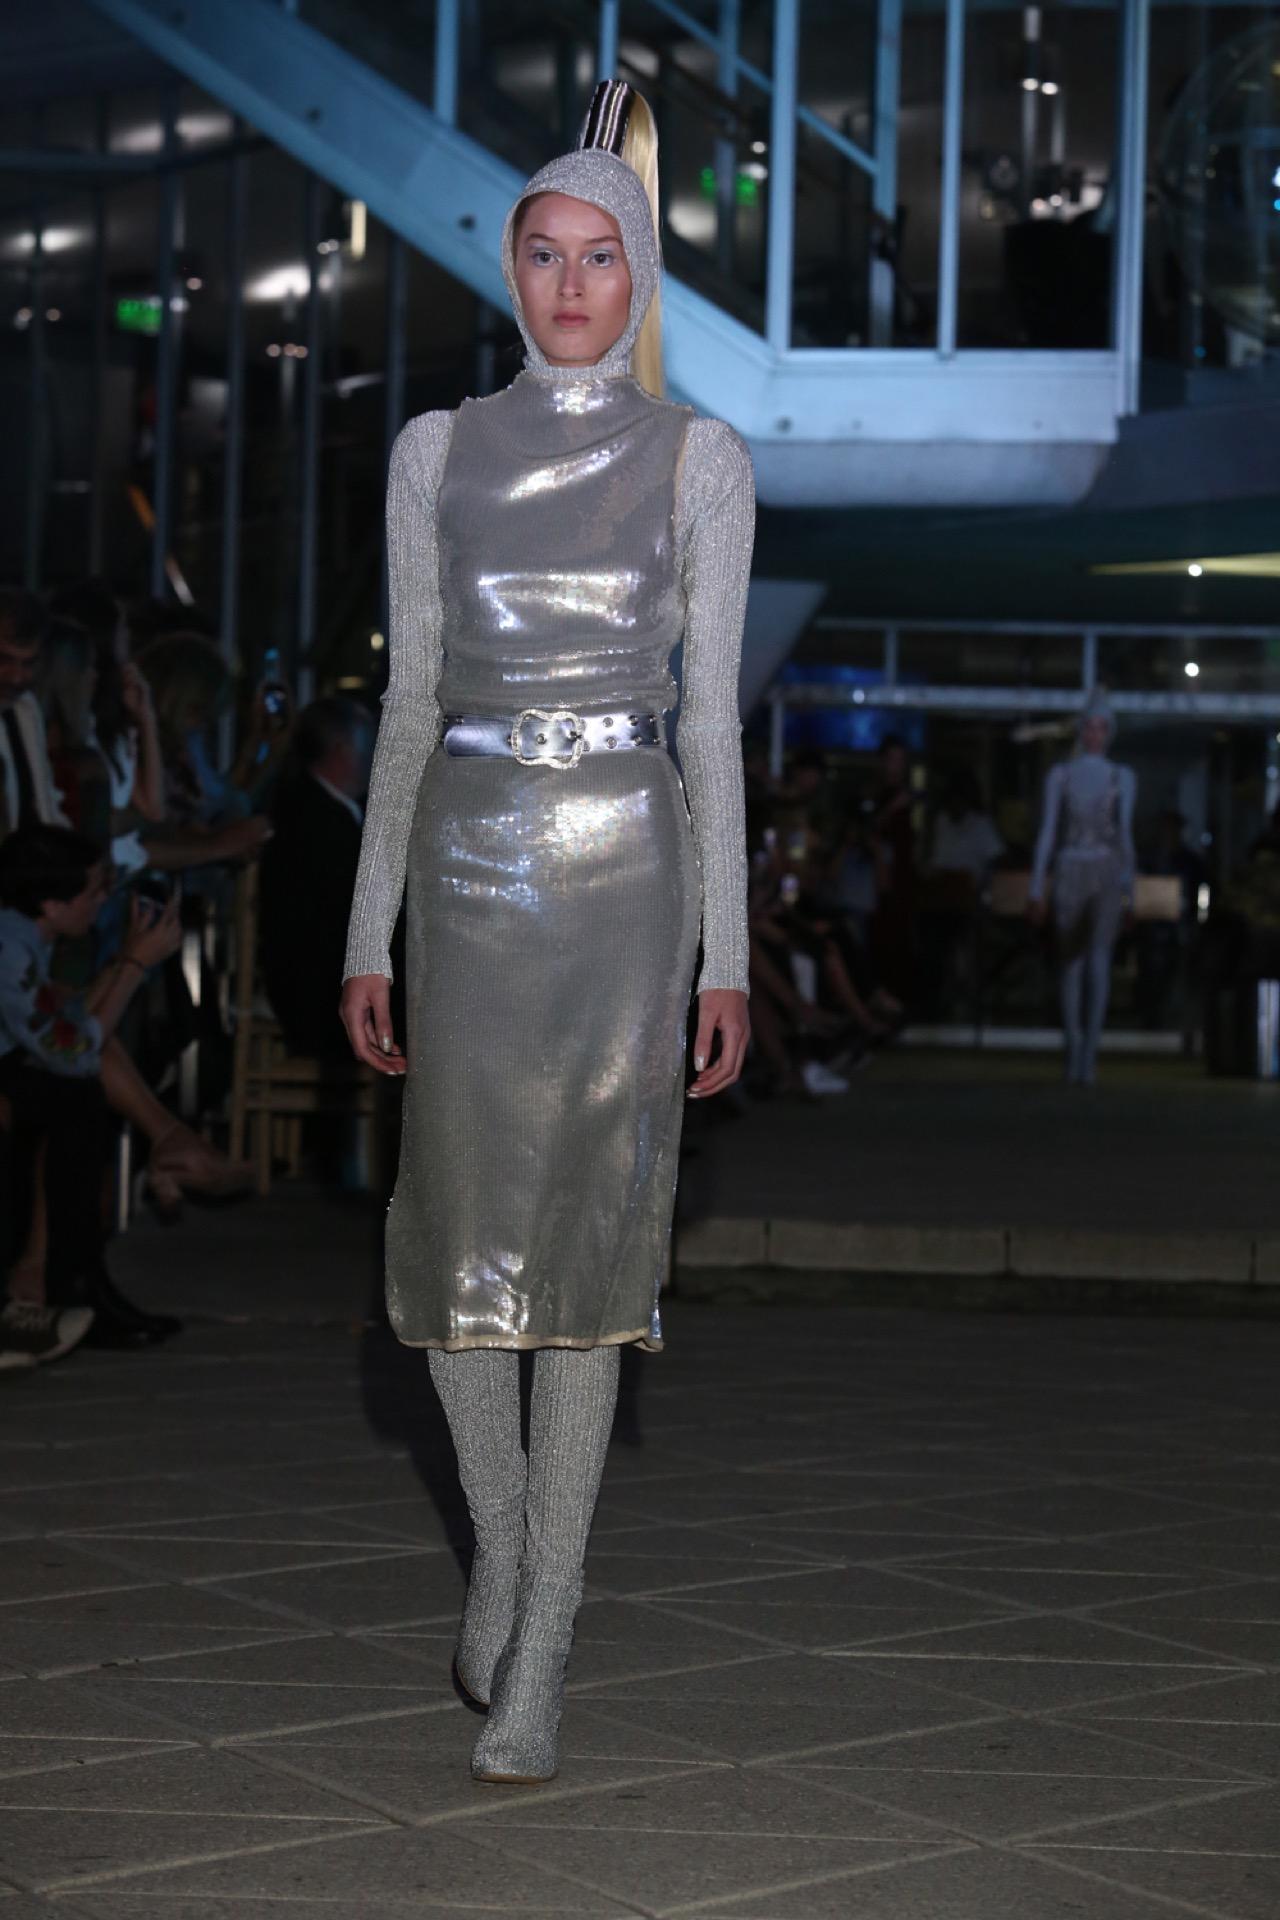 #PARA TI - DESFILES - Moda - 05- GENTILEZA MARCAS